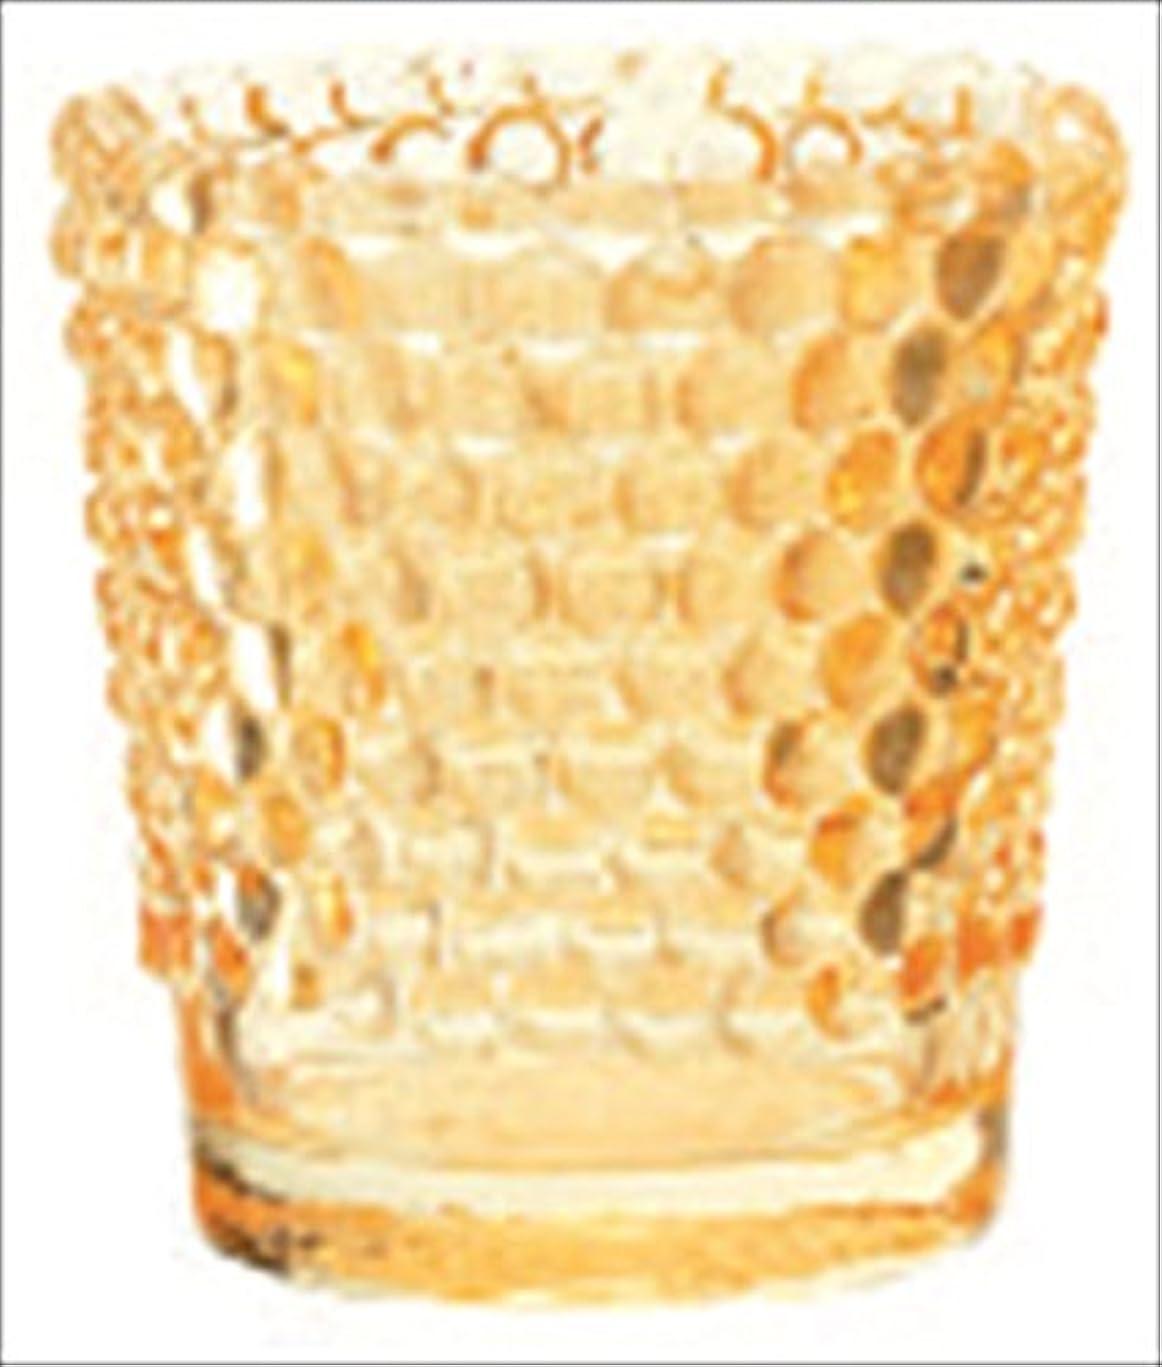 戻る鋸歯状ロマンチックカメヤマキャンドル( kameyama candle ) ホビネルグラス 「 アンバー 」